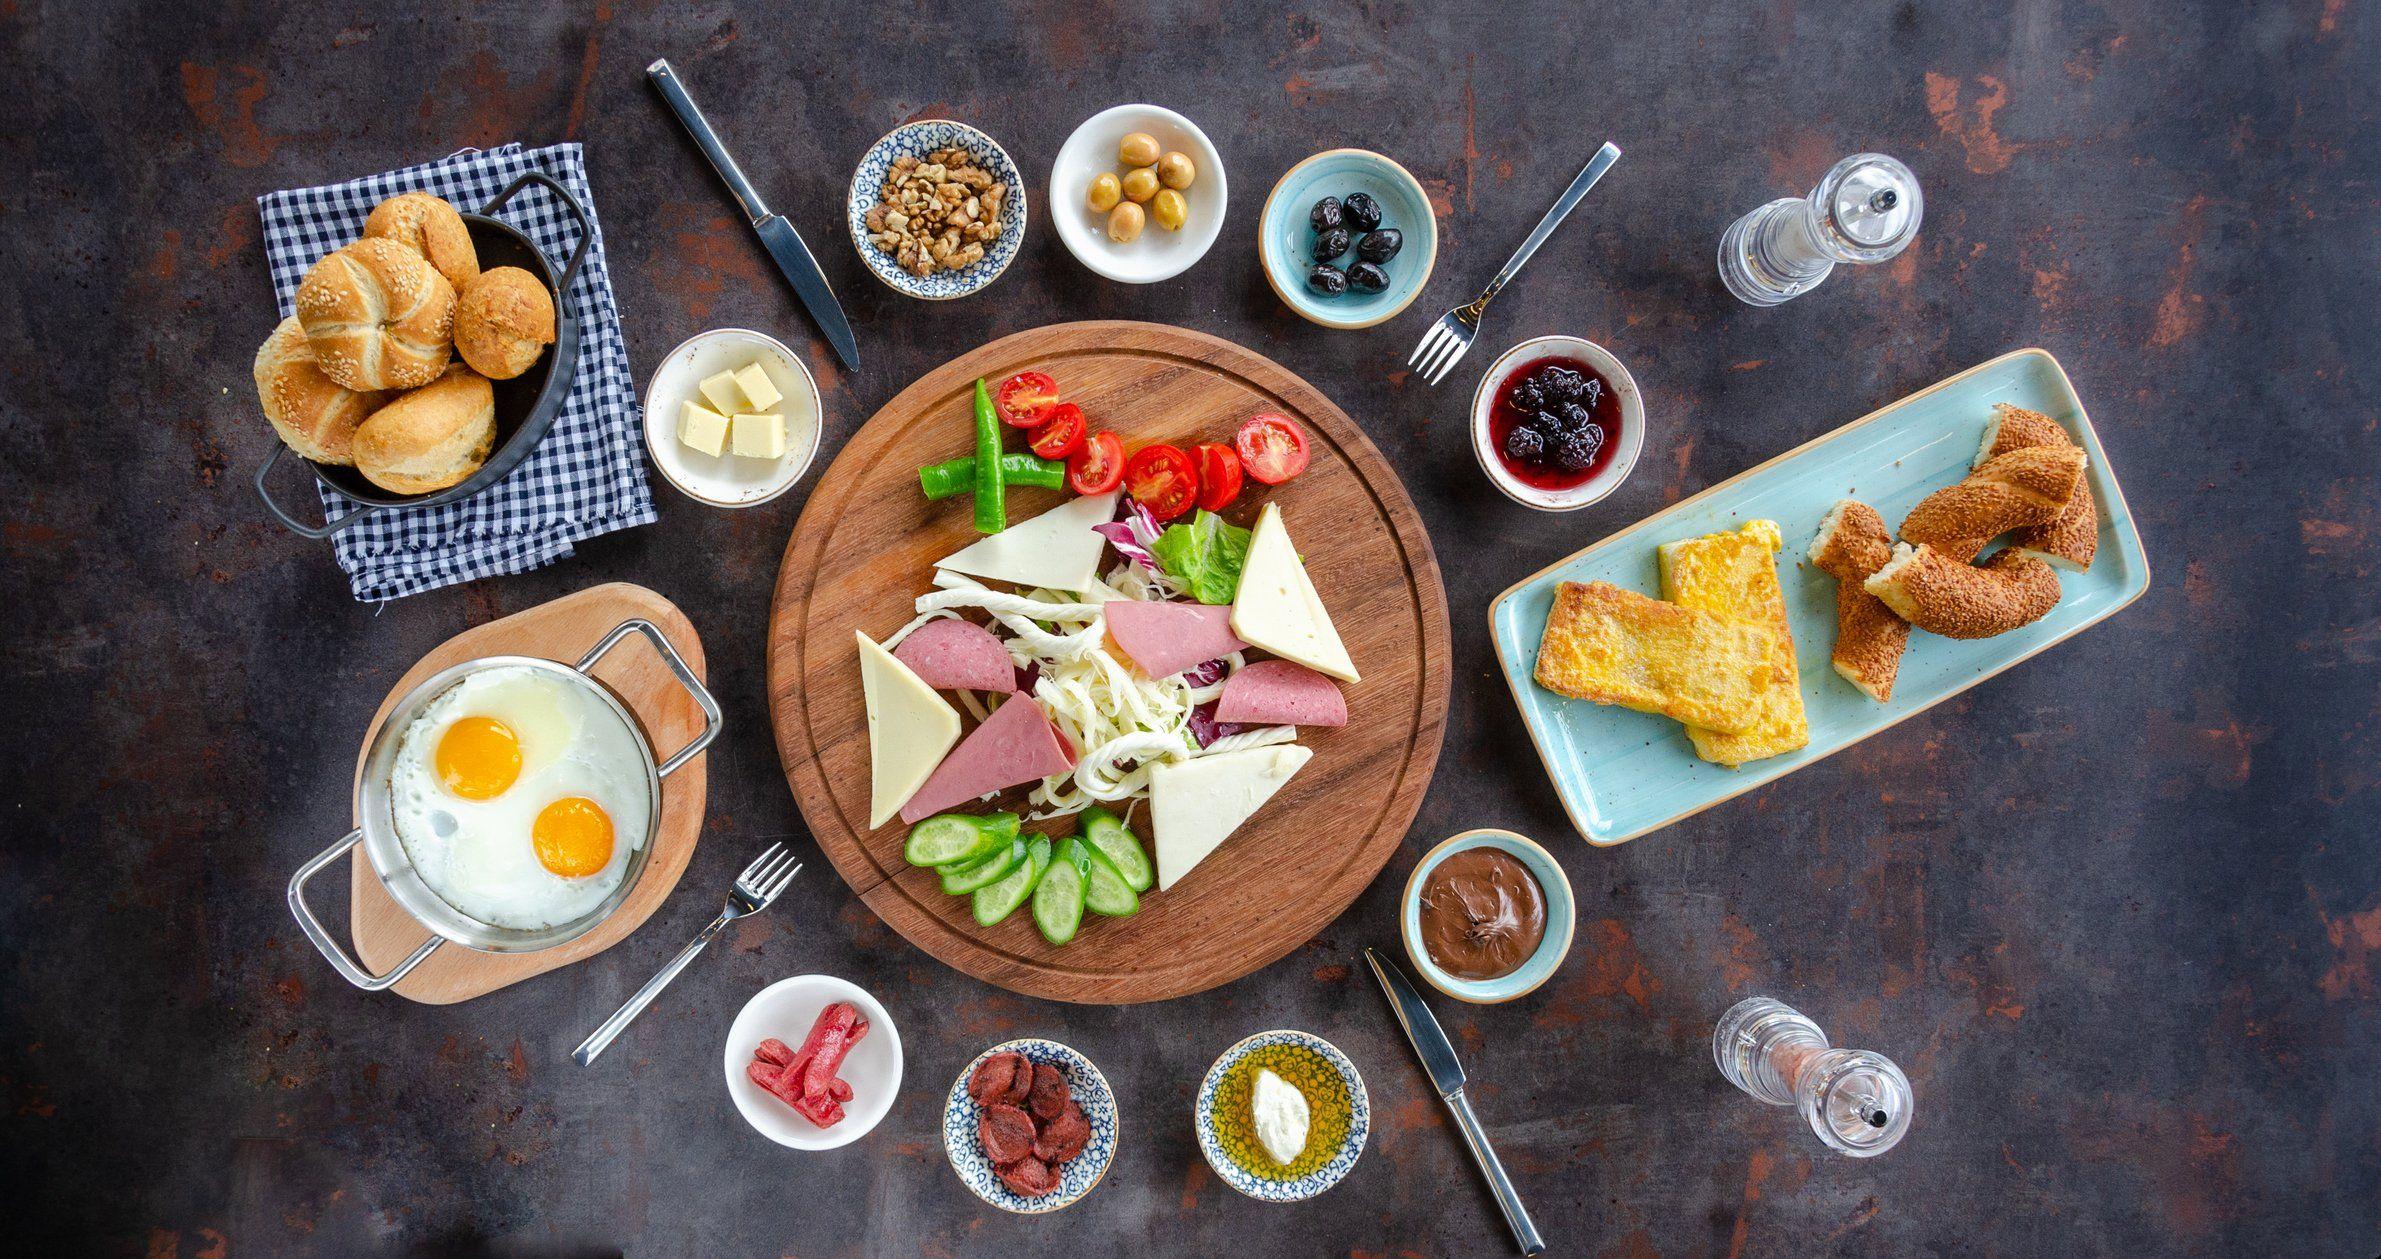 انتبهي هكذا تساهم وجبة الإفطار في زيادة وزنك Turkish Breakfast Breakfast Breakfast Plate